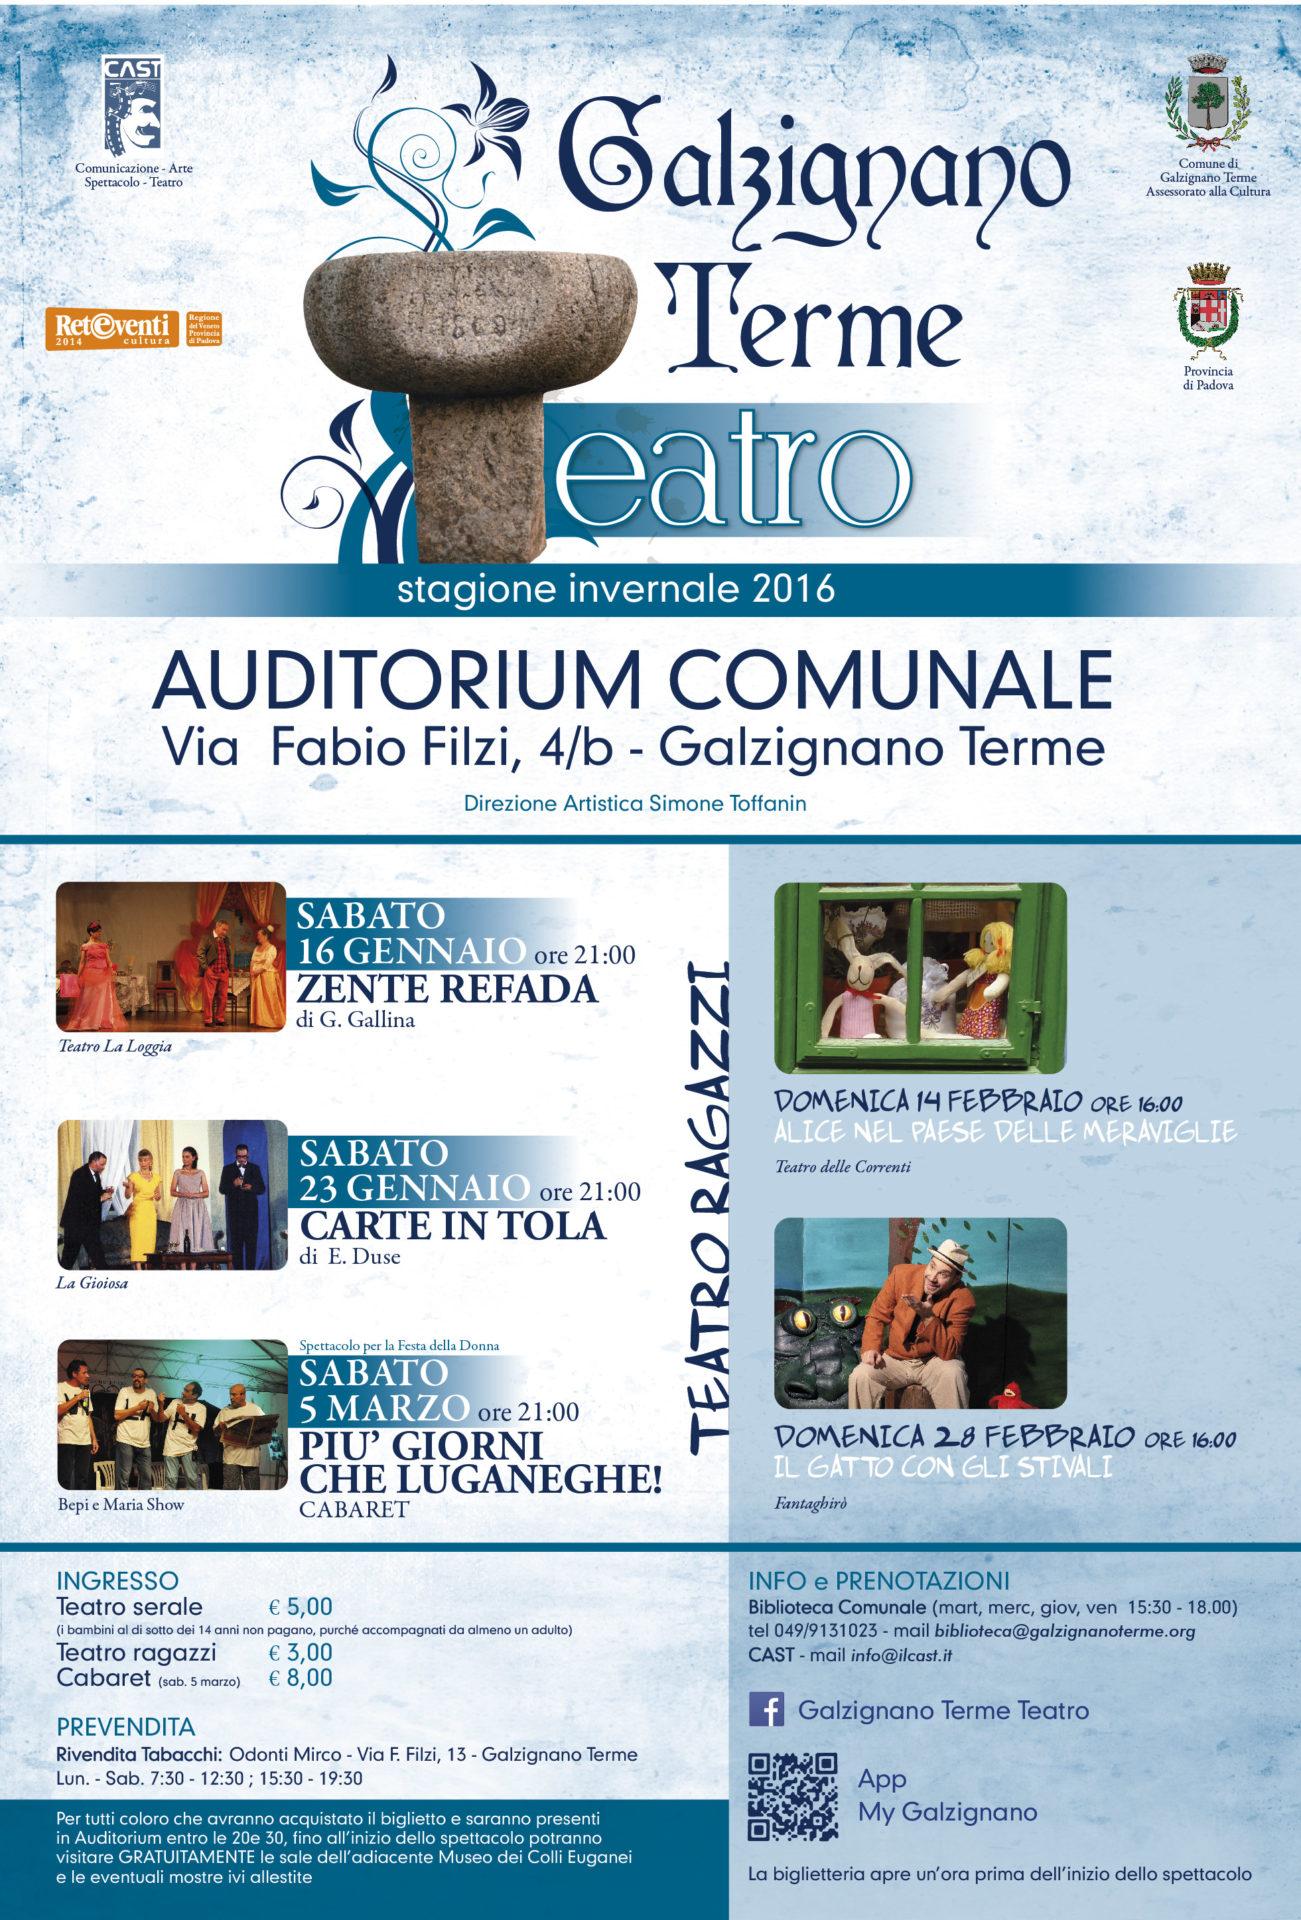 Galzignano Terme Teatro primavera 2016